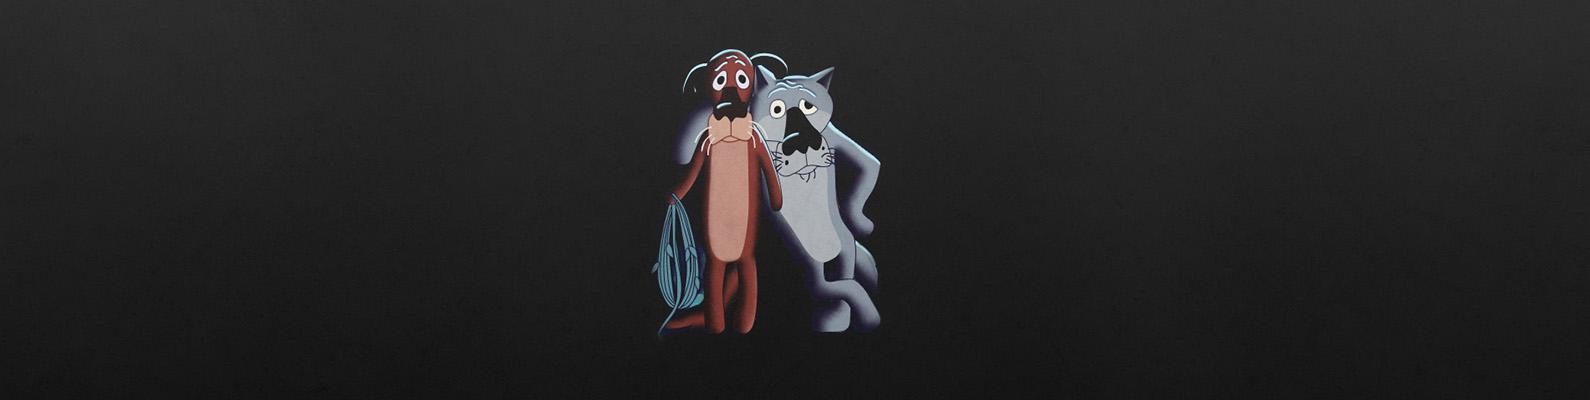 Лучшие картинки, обои для обложки в ВКонтакте 1590х400 - подборка 6